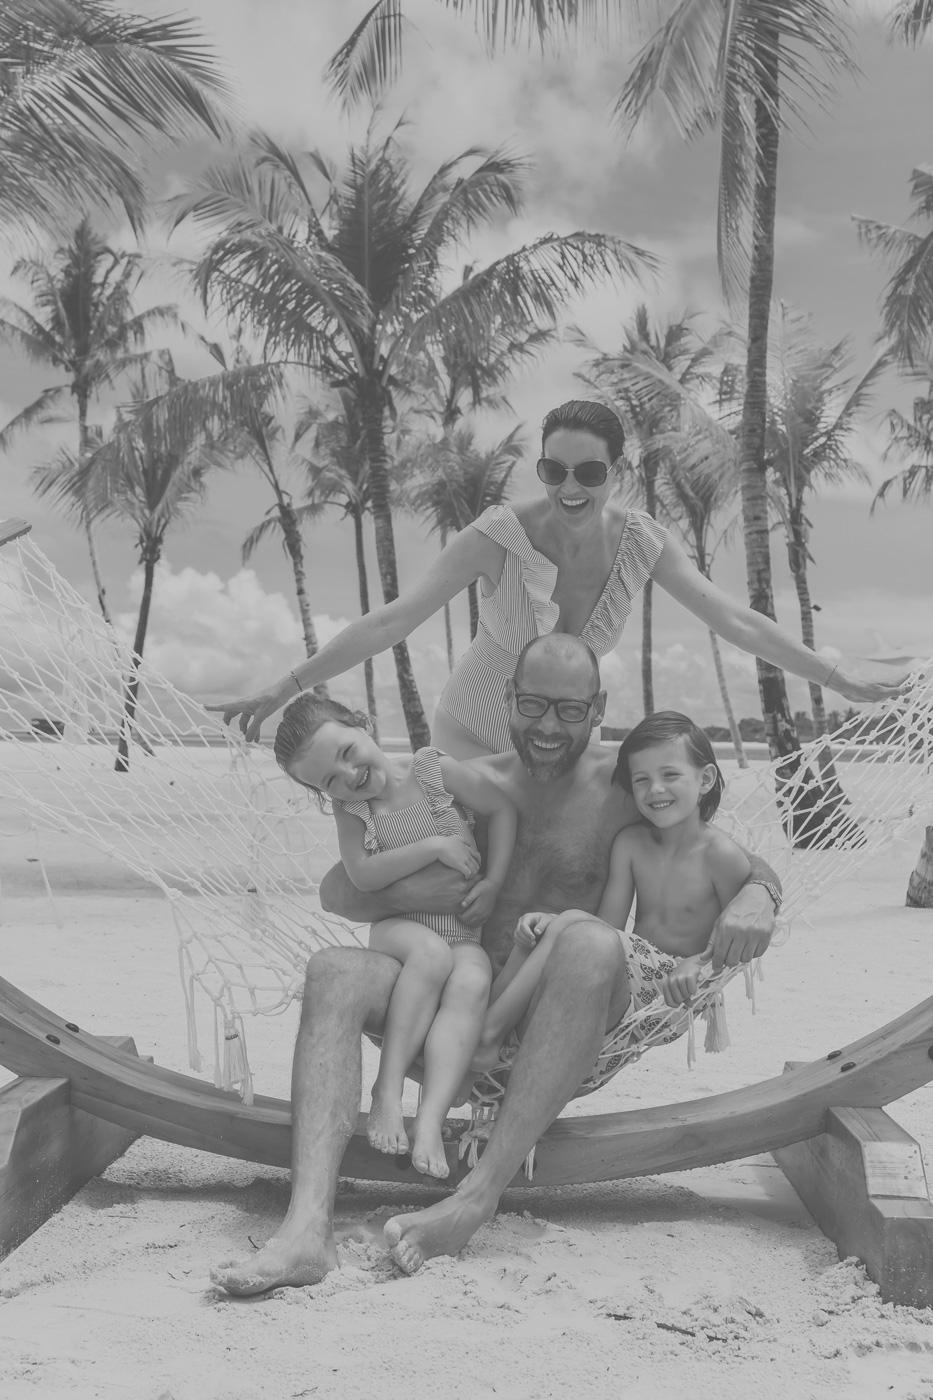 Familie in Hängematte am Strand des Kanuhura